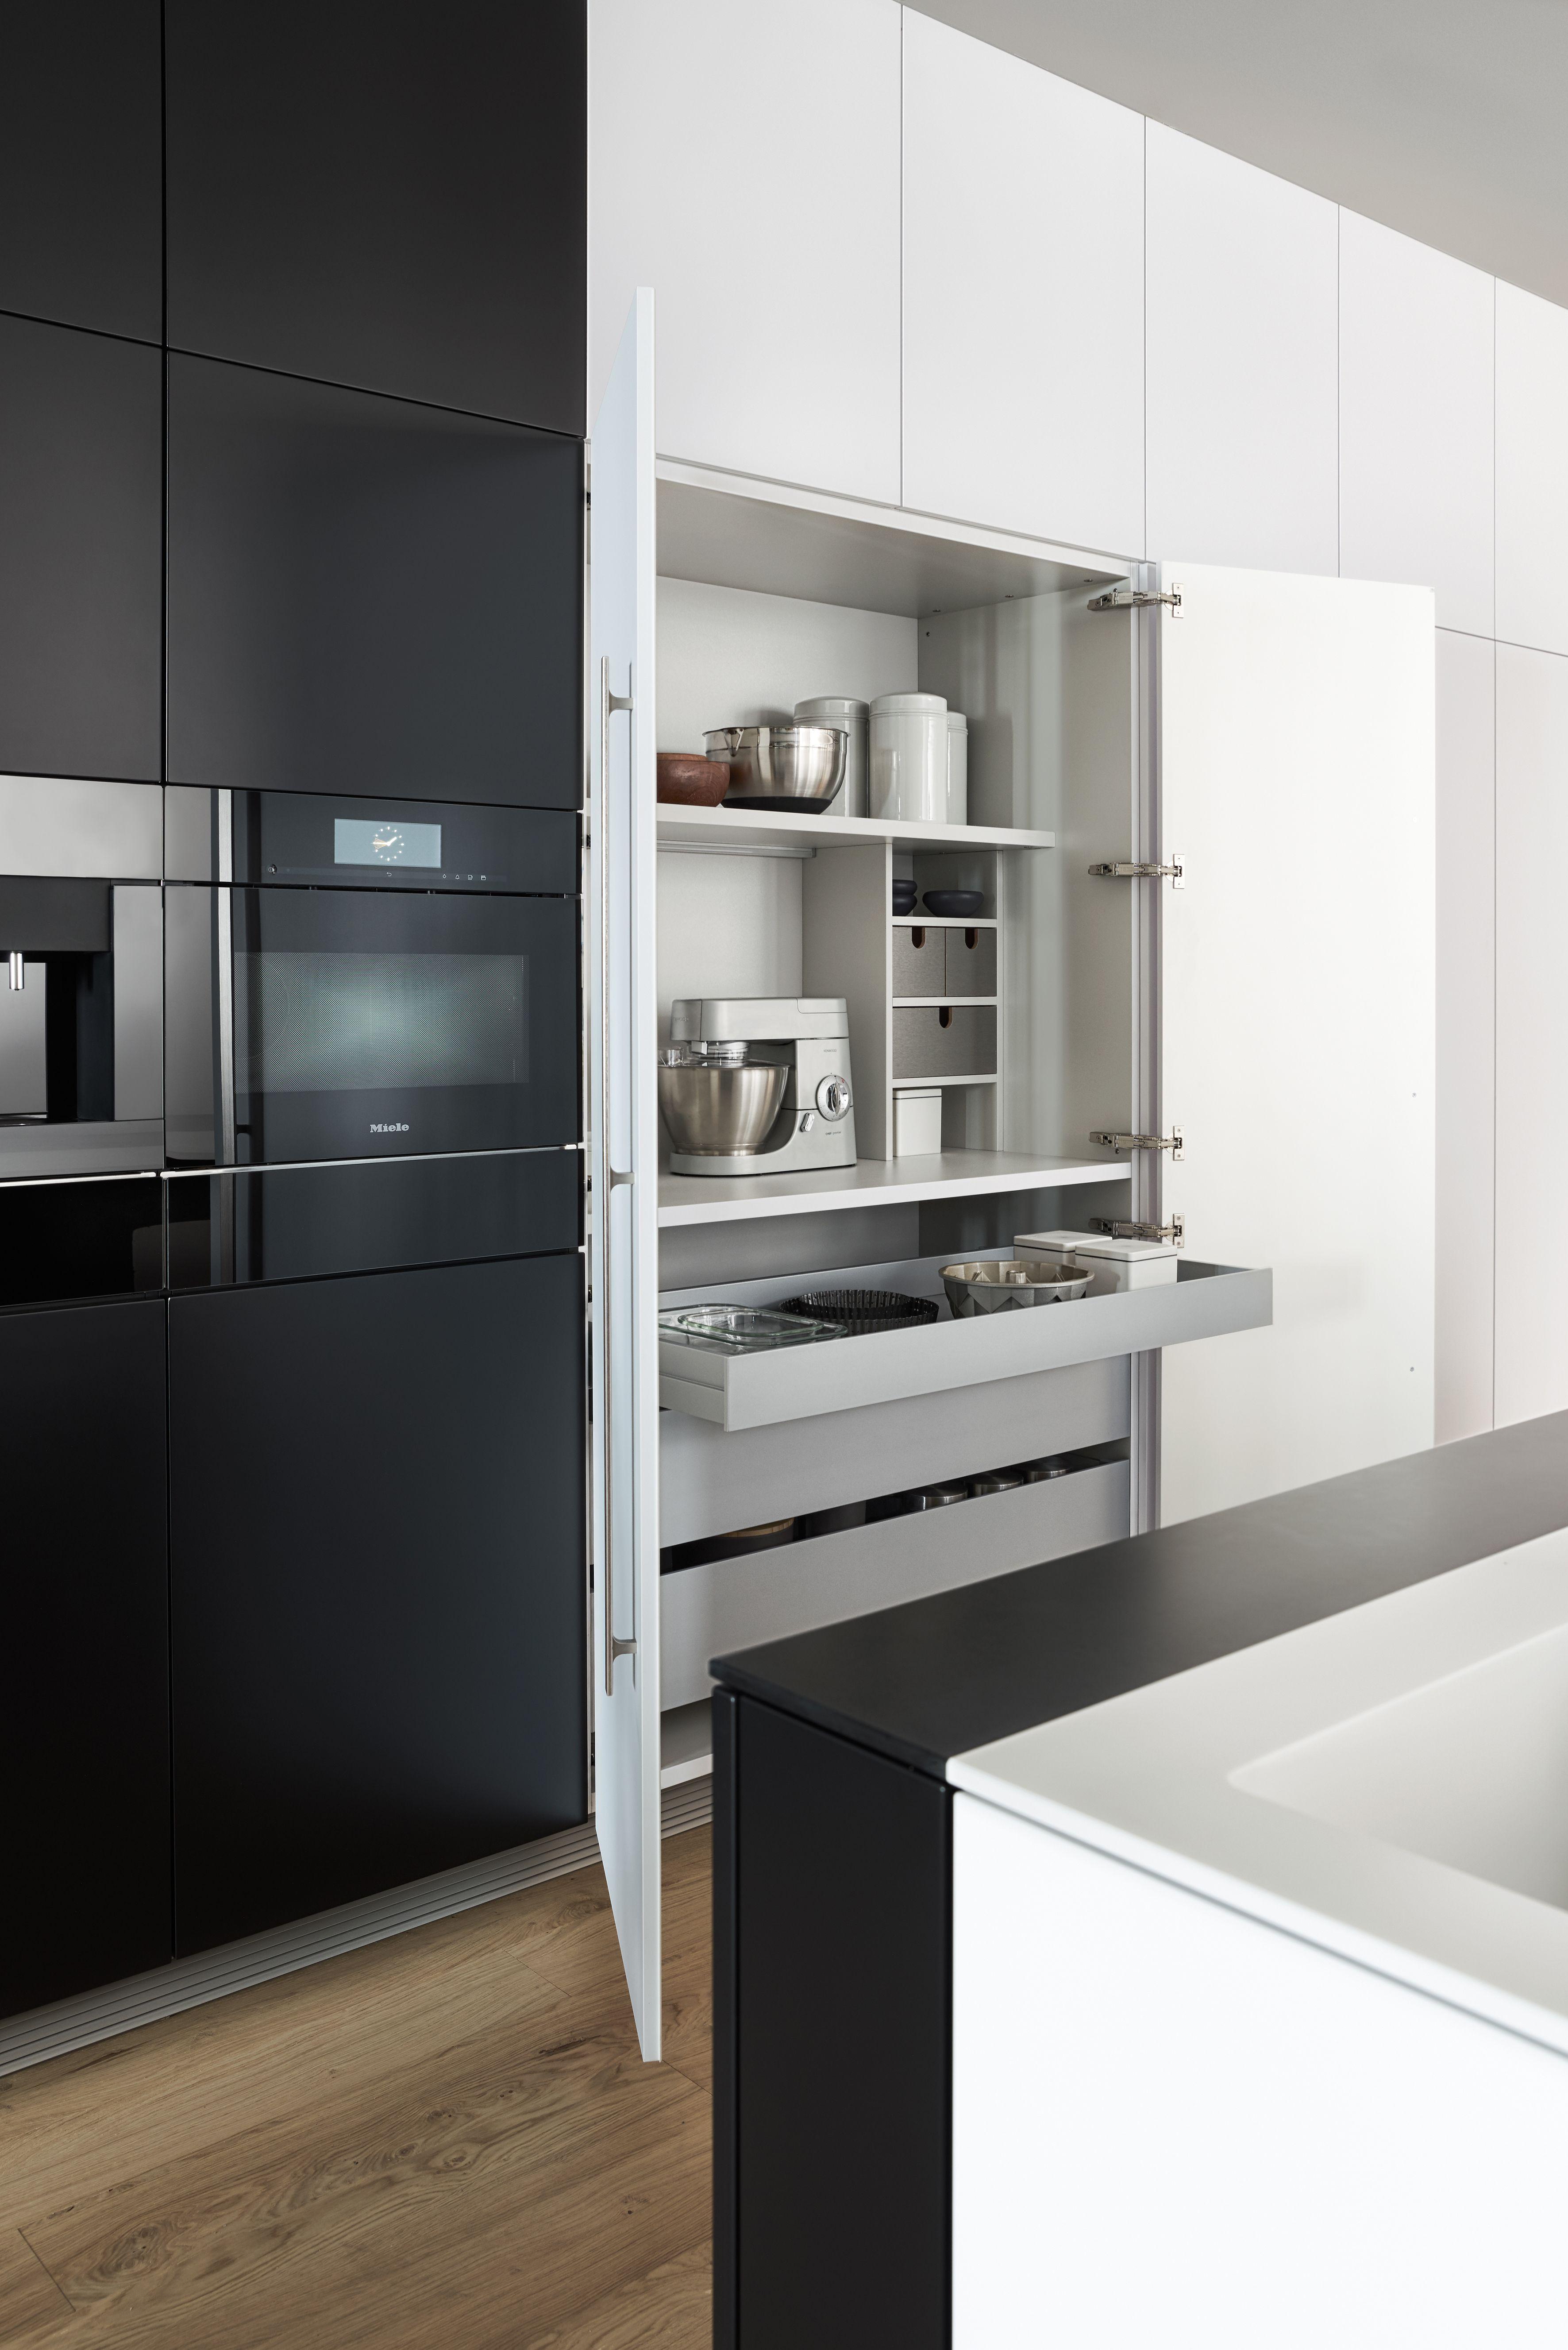 Nett Schwarz Glänzend Küchentüren Uk Zeitgenössisch - Ideen Für Die ...